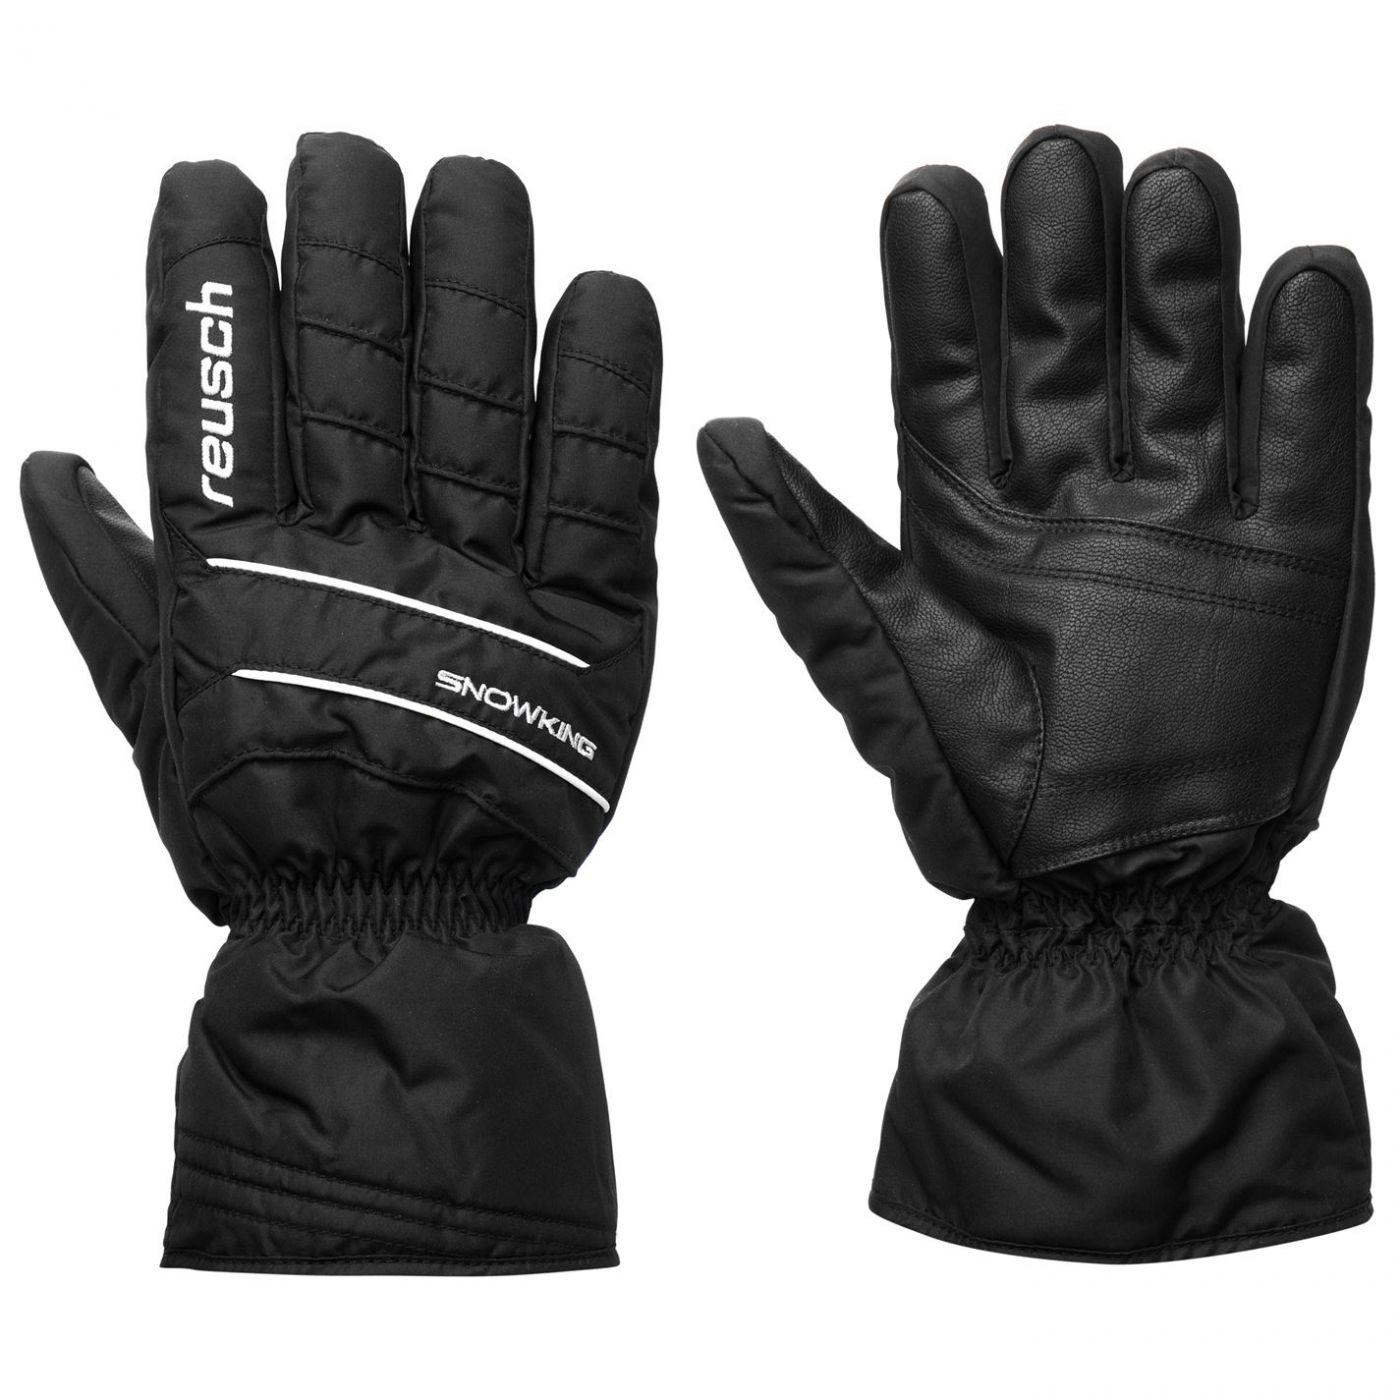 Marker Snow King Ski Gloves Mens